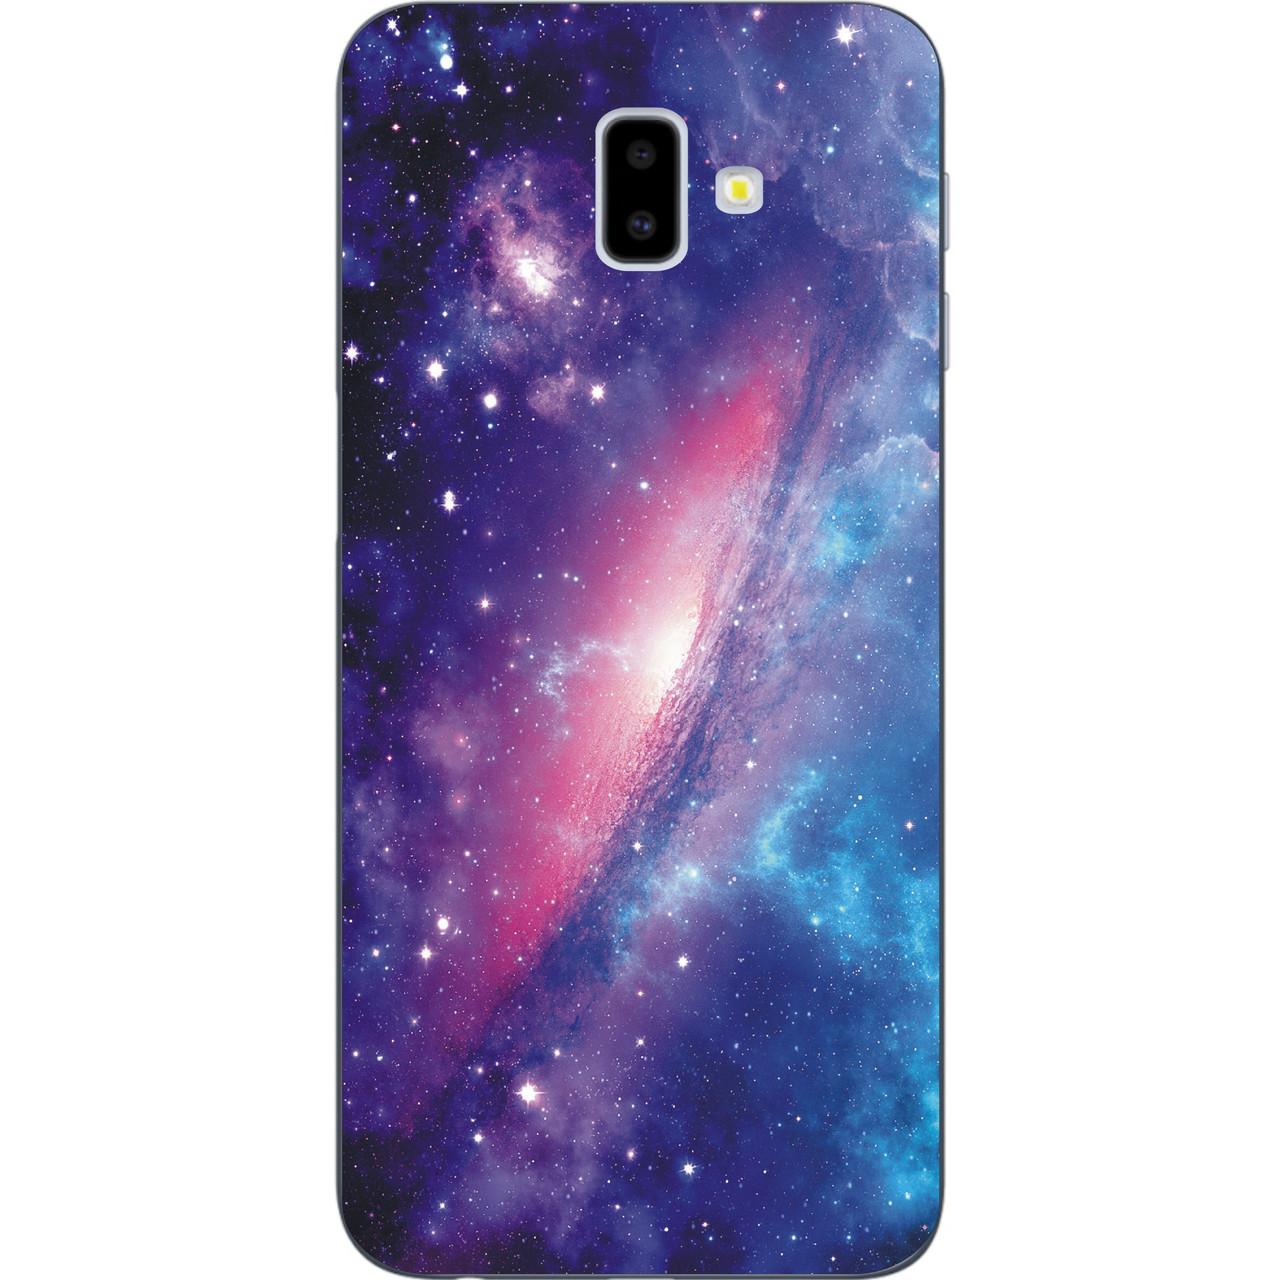 Силіконовий бампер з картинкою для Samsung Galaxy J6 Plus 2018 Космос